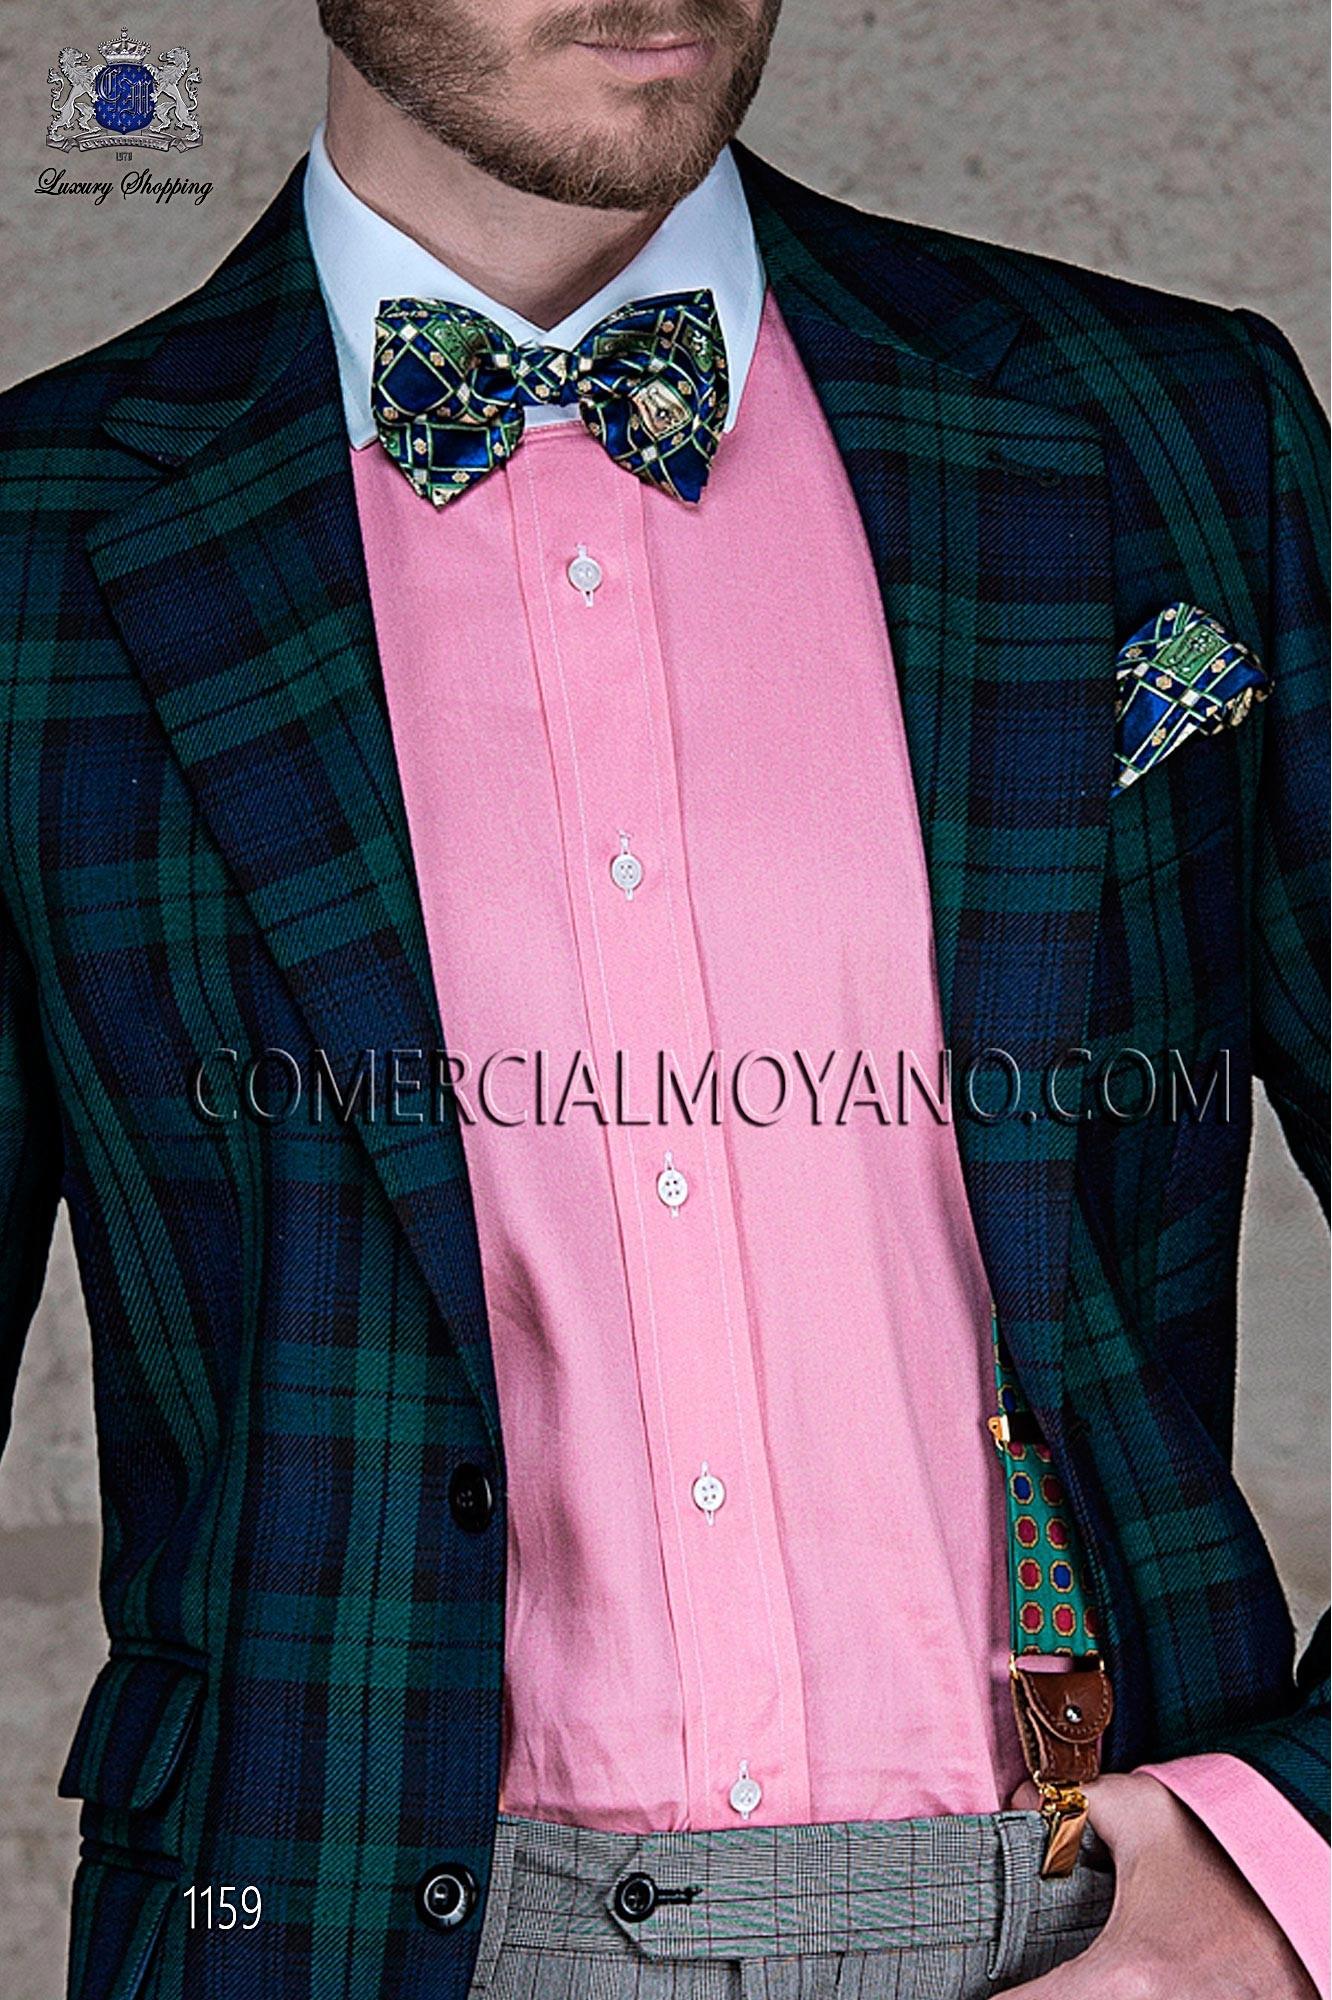 Traje BlackTie de novio tartán verde-azul modelo: 1159 Ottavio Nuccio Gala colección Black Tie